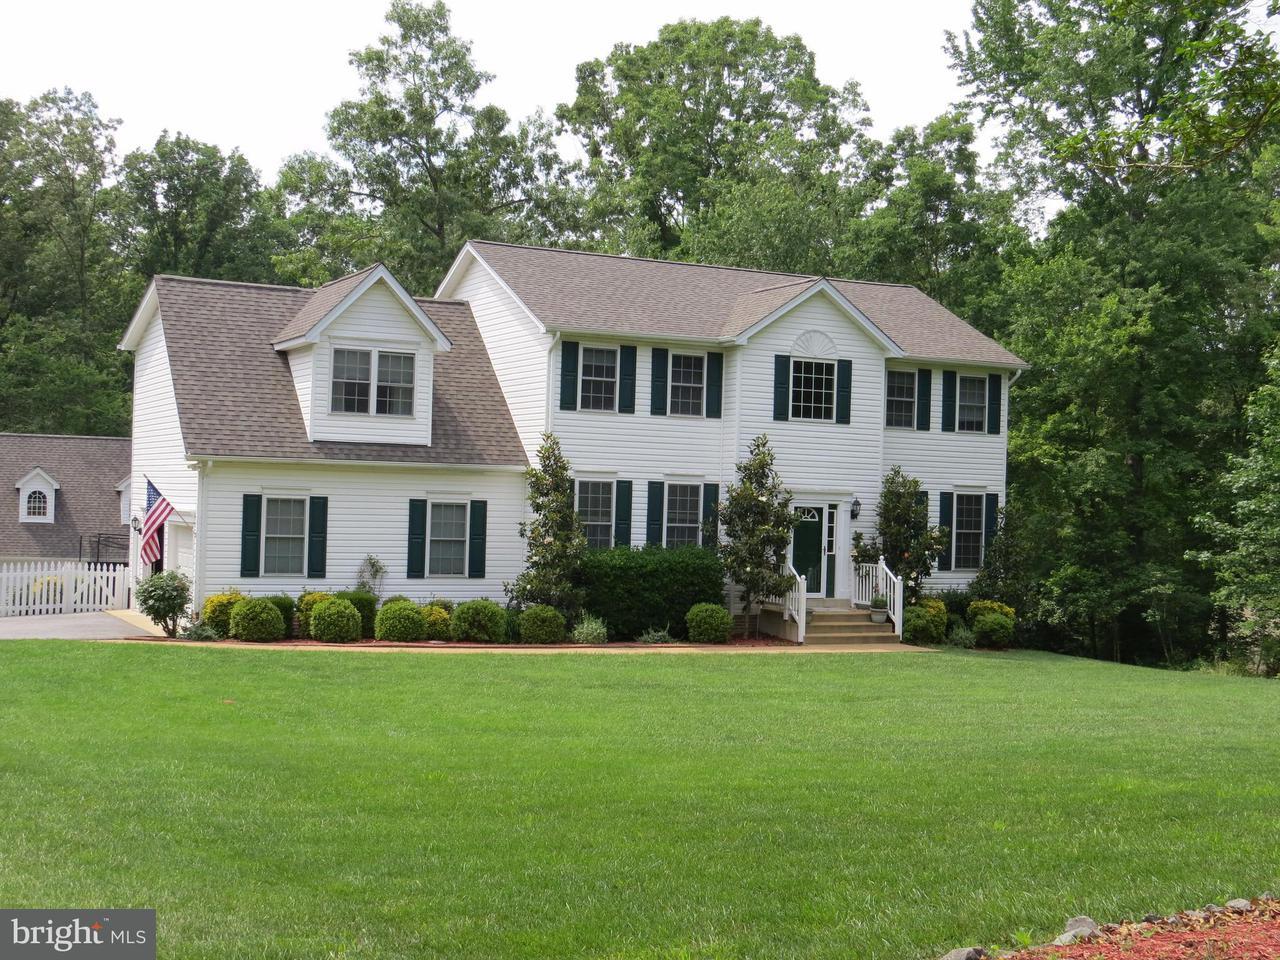 Maison unifamiliale pour l Vente à 20975 Daisy Court 20975 Daisy Court Callaway, Maryland 20620 États-Unis